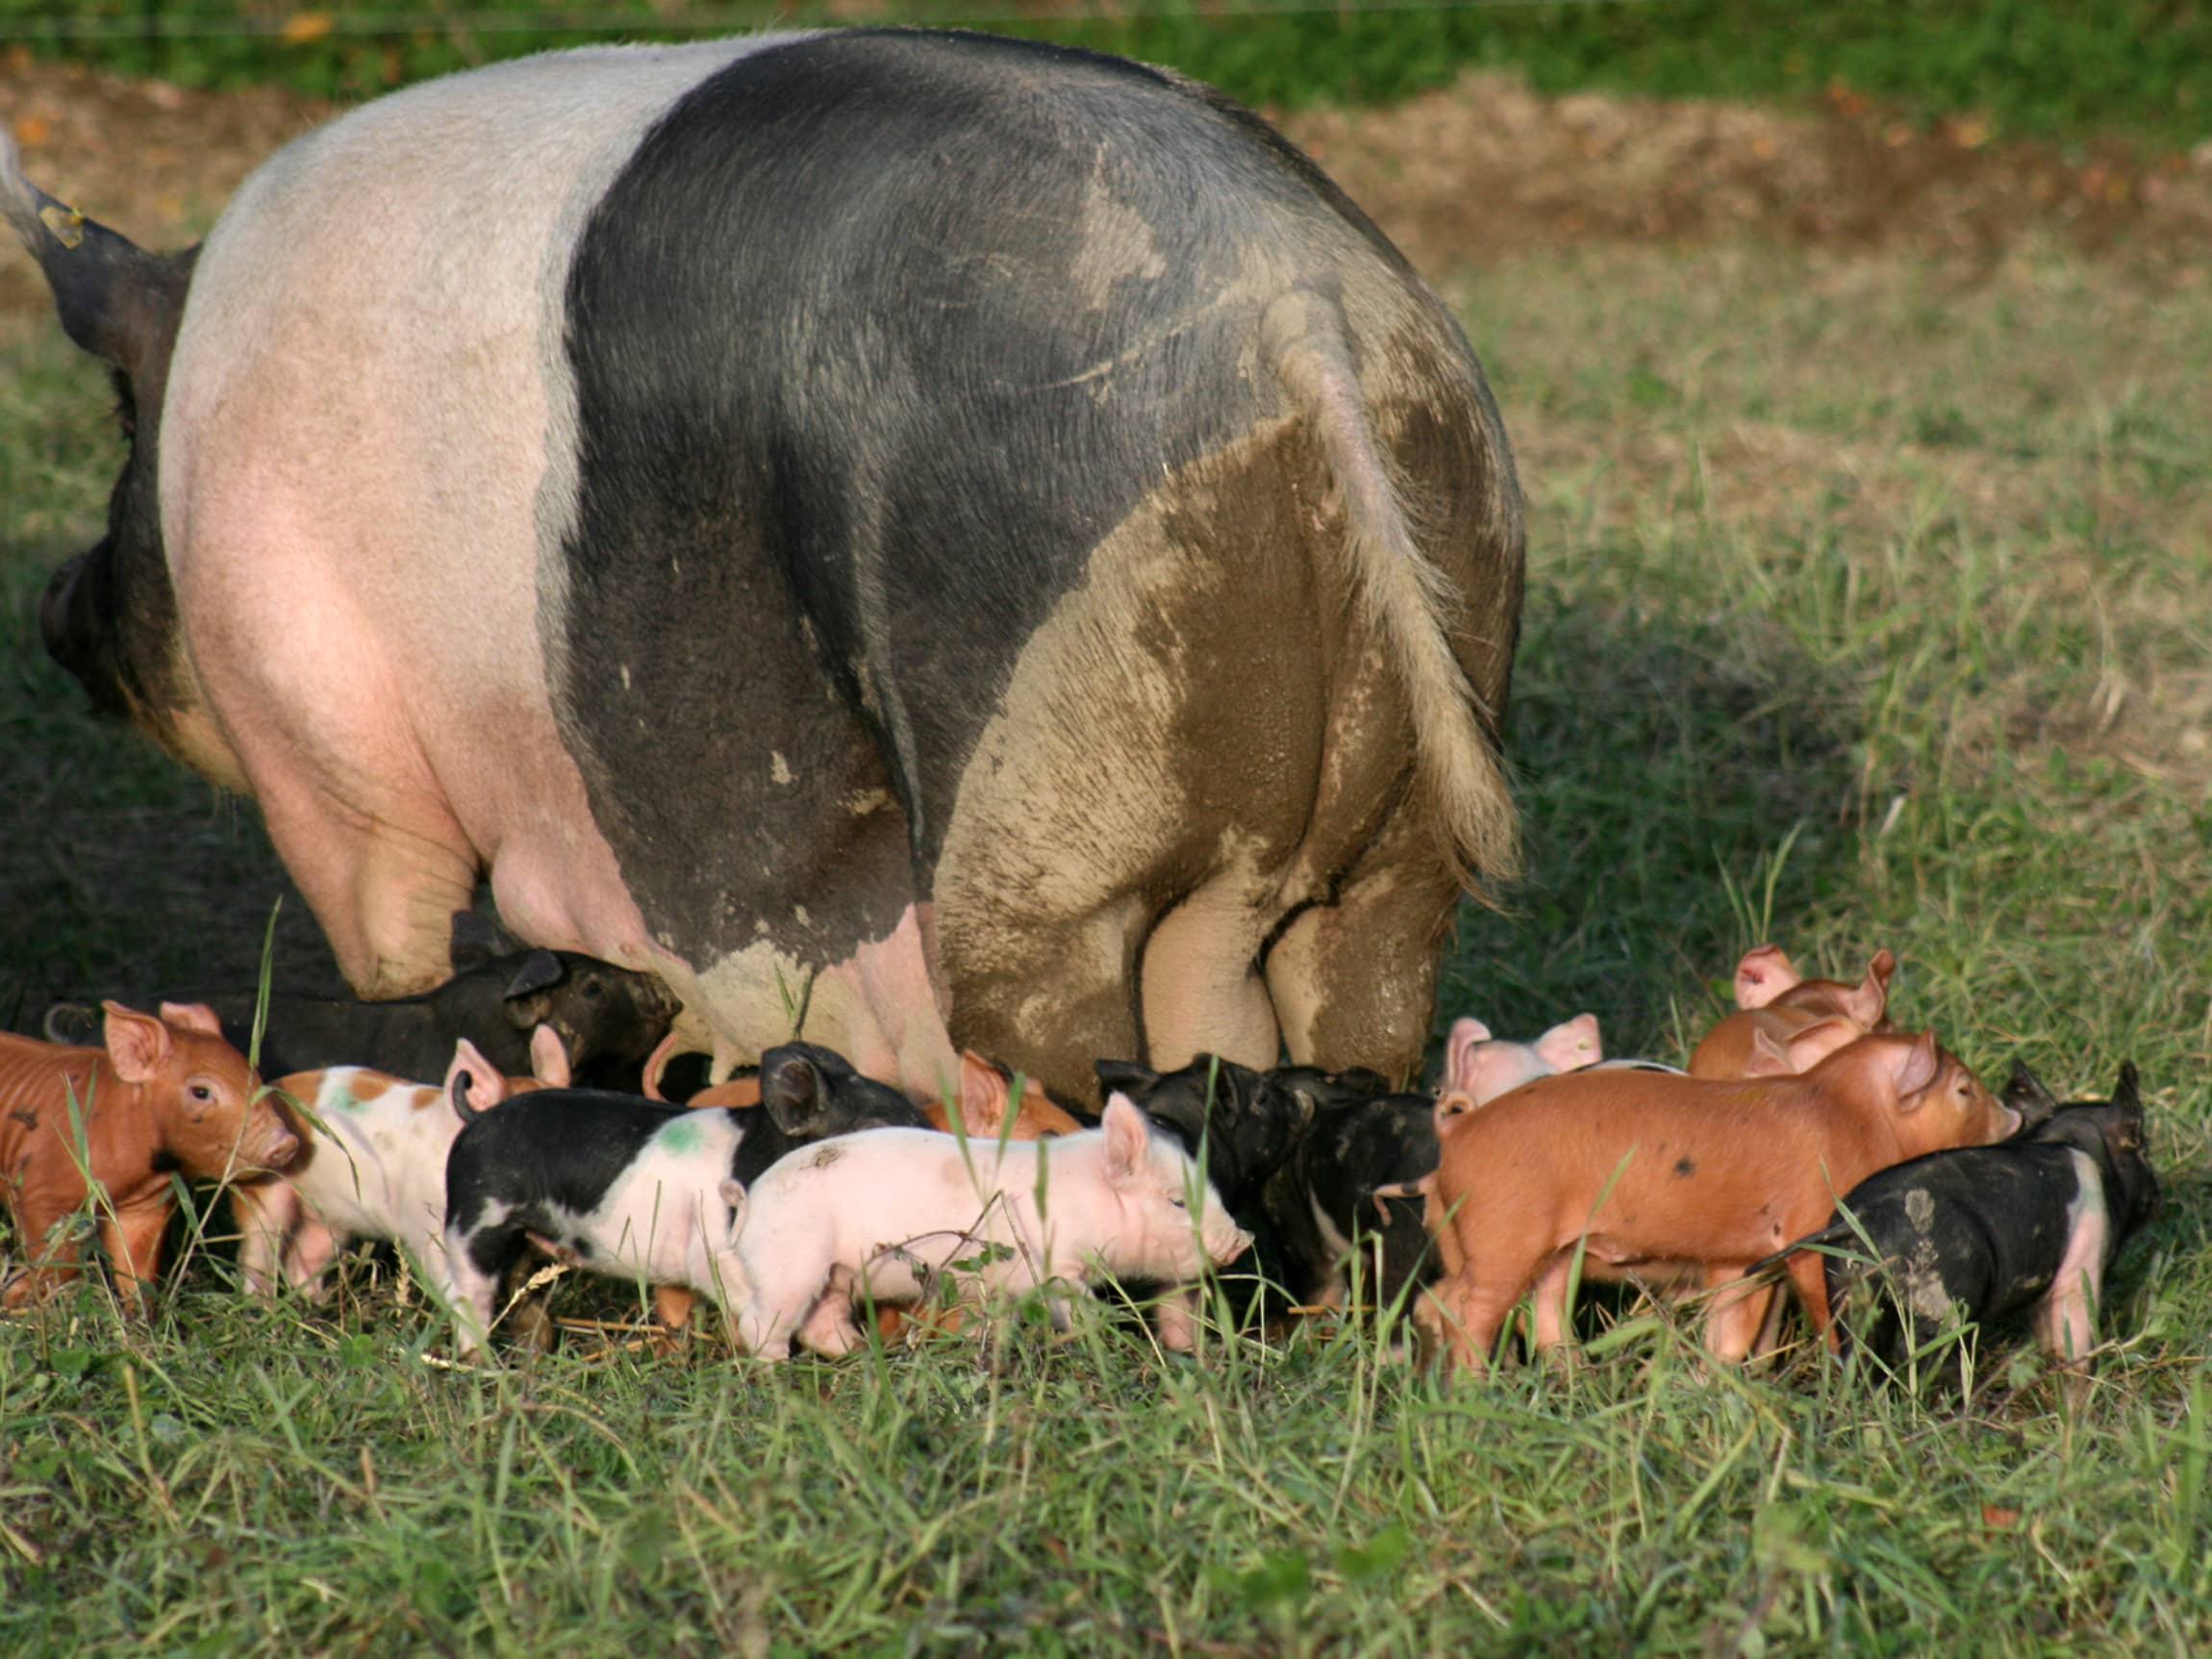 Grisene kommer fra deres faste samarbeidspartner Heinrich Jung, og er Duroc-gris, kjent for sin sakte-voksende og unike kjøttkvalitet.